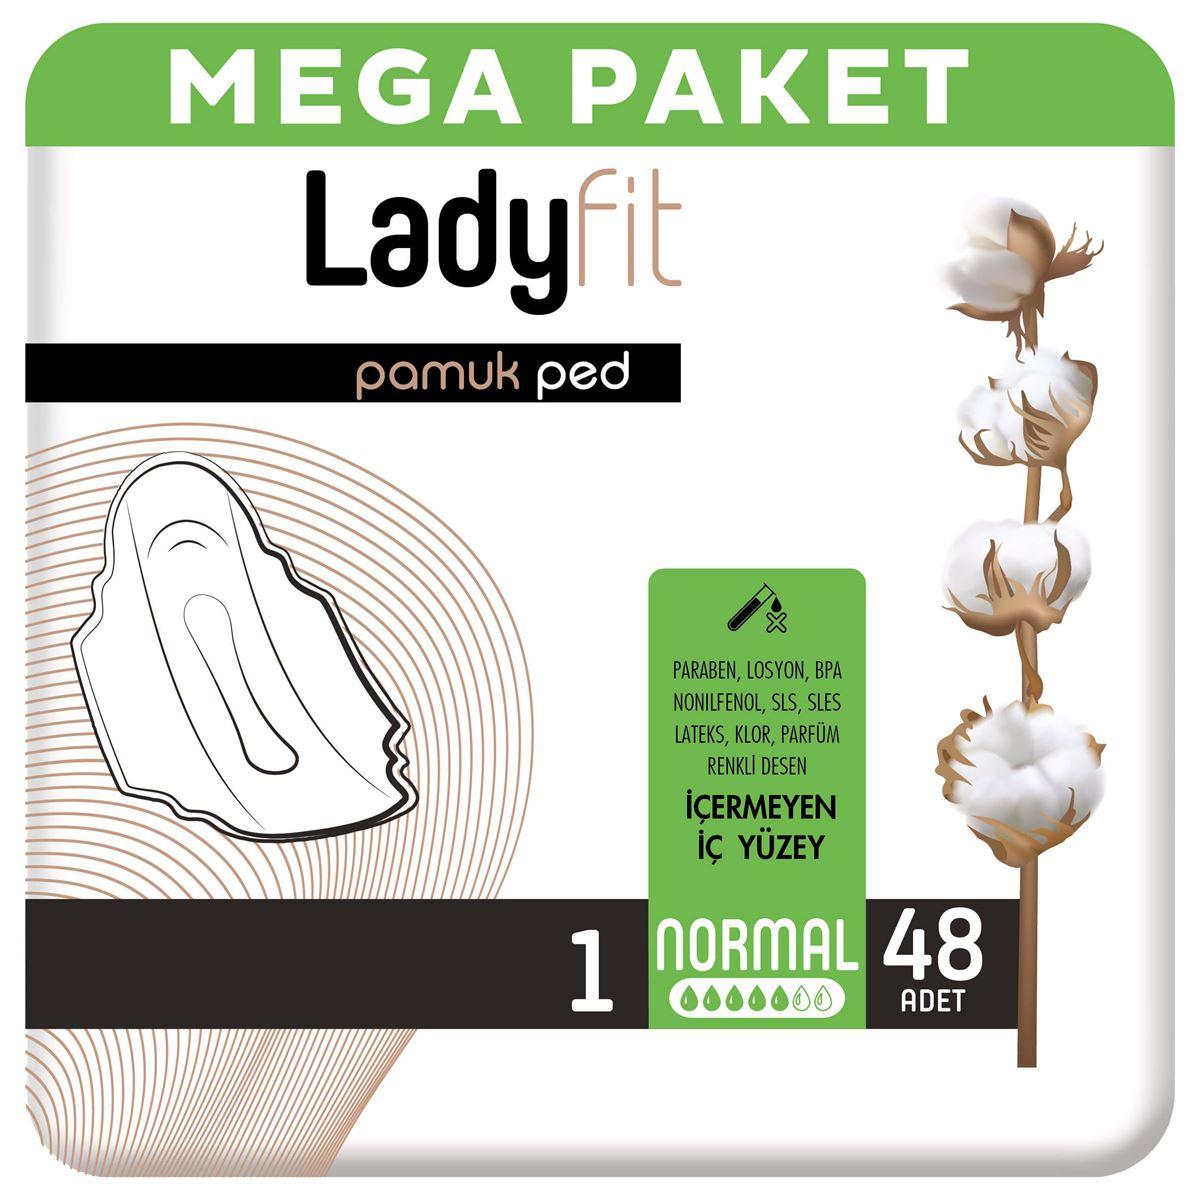 Ladyfit Pamuk Ped Mega Normal 48 Ped